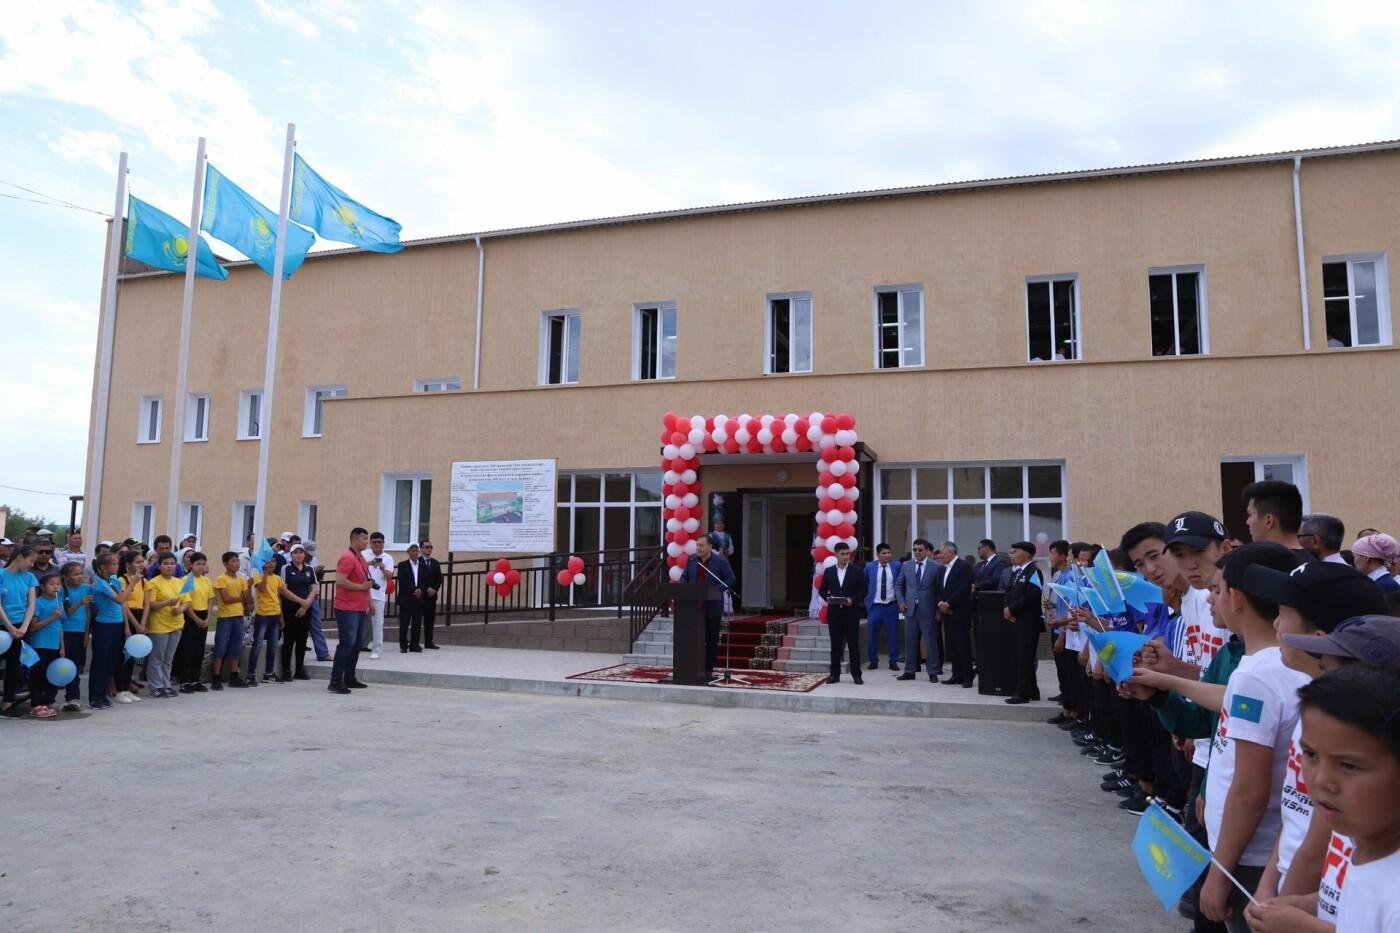 Спортивно-оздоровительный комплекс и бассейн открыли в Бейнеу, фото-1